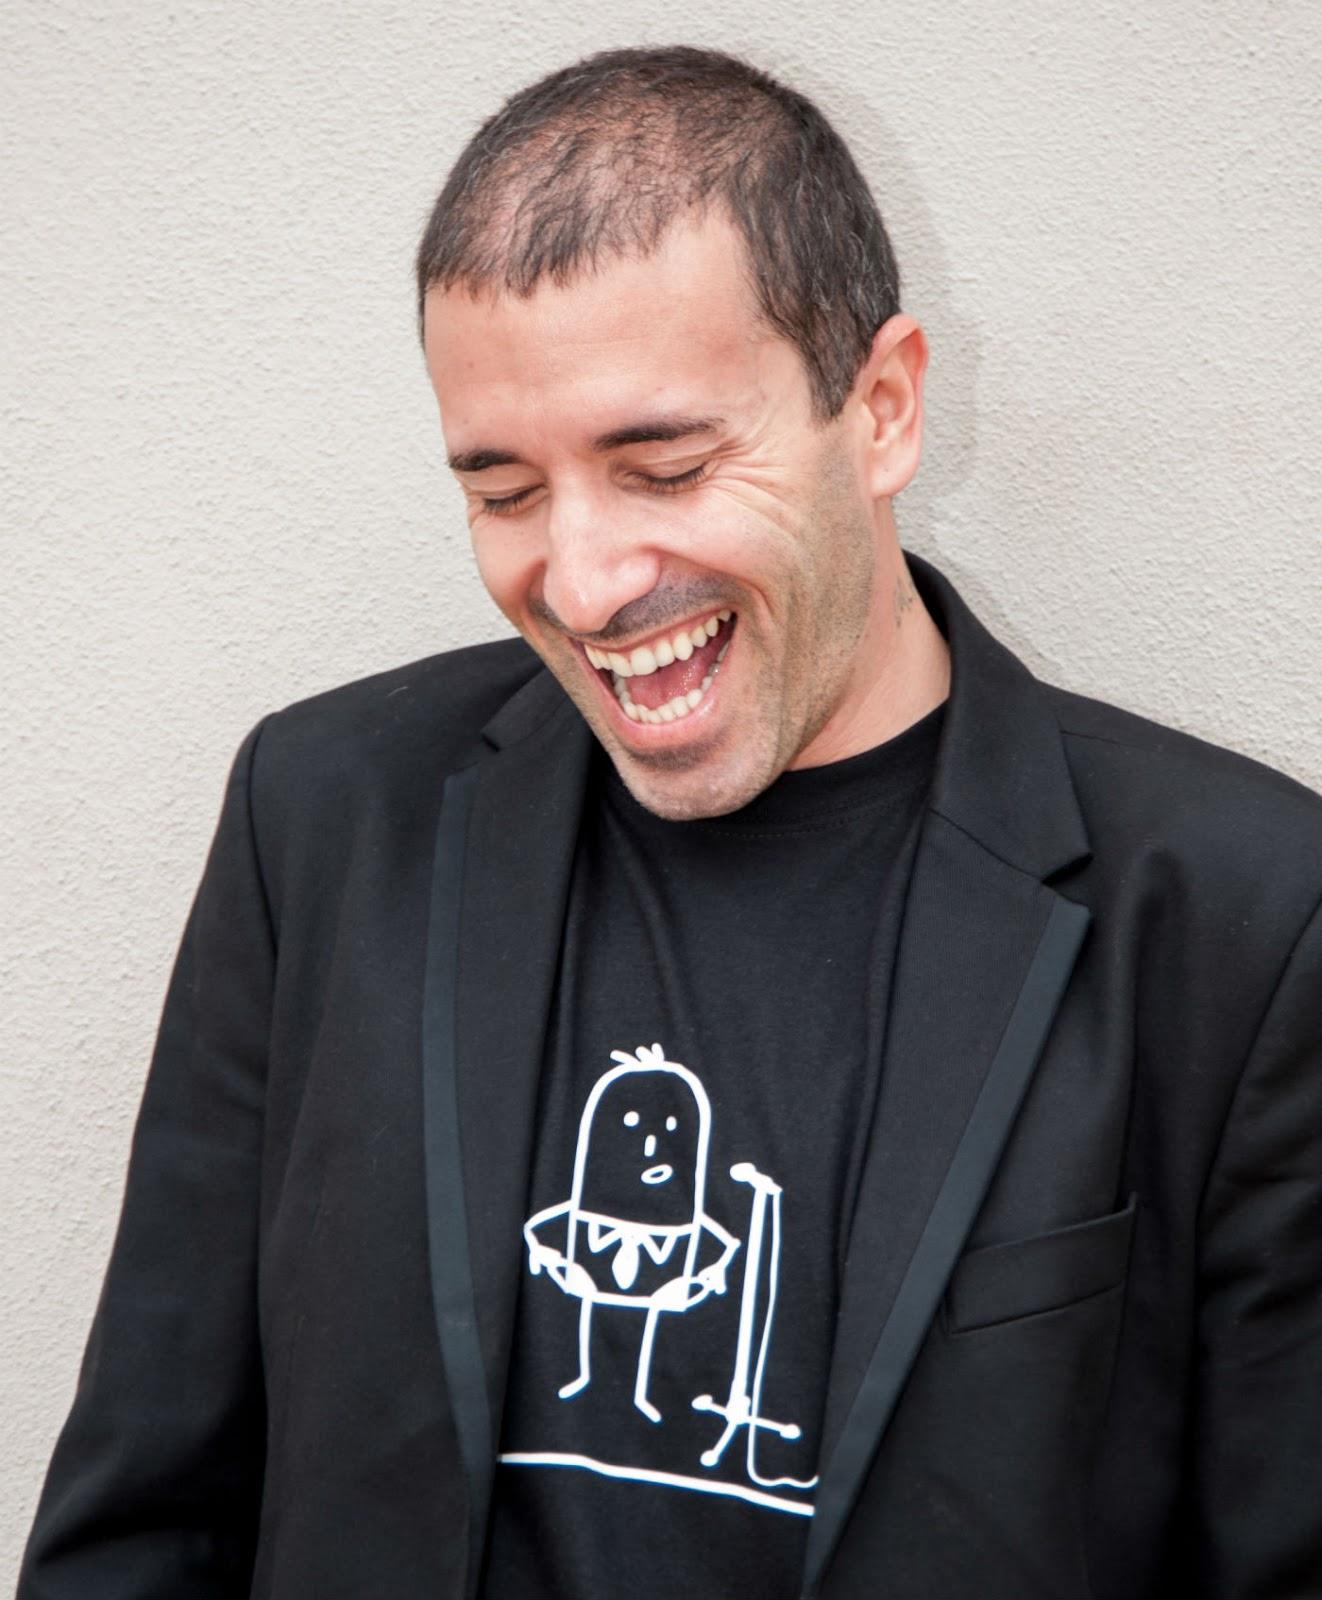 Porque Marco Horacio Nao Tem Nada A Perder Stand Up Comedy De Marco Horacio Grande Auditorio  H Preco  Euros Menores De  Anos Entrada Livre